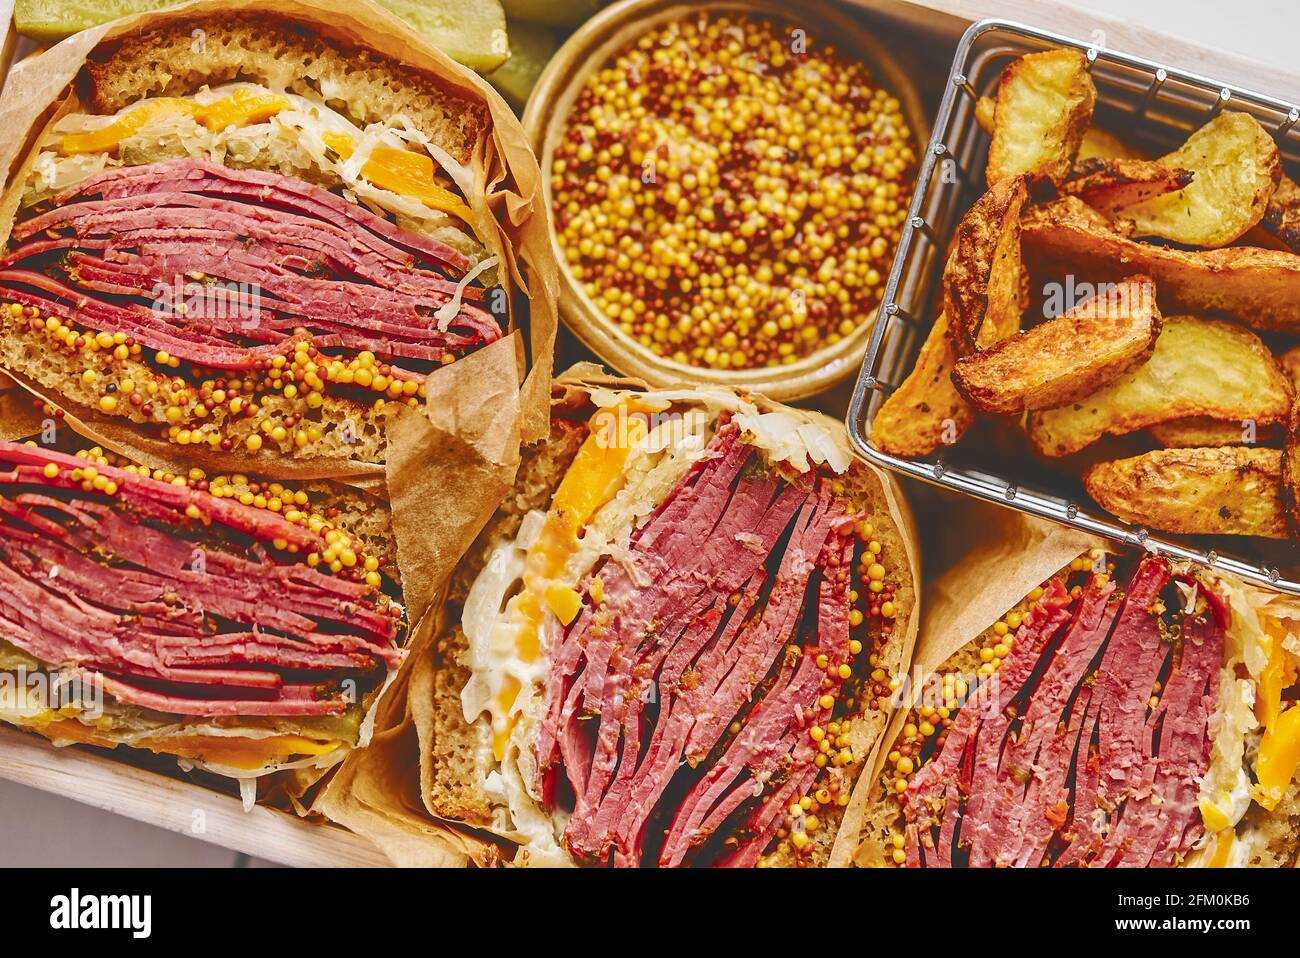 Enormes sándwiches con carne de pastami en caja de madera. Servido con patatas al horno, encurtidos Foto de stock